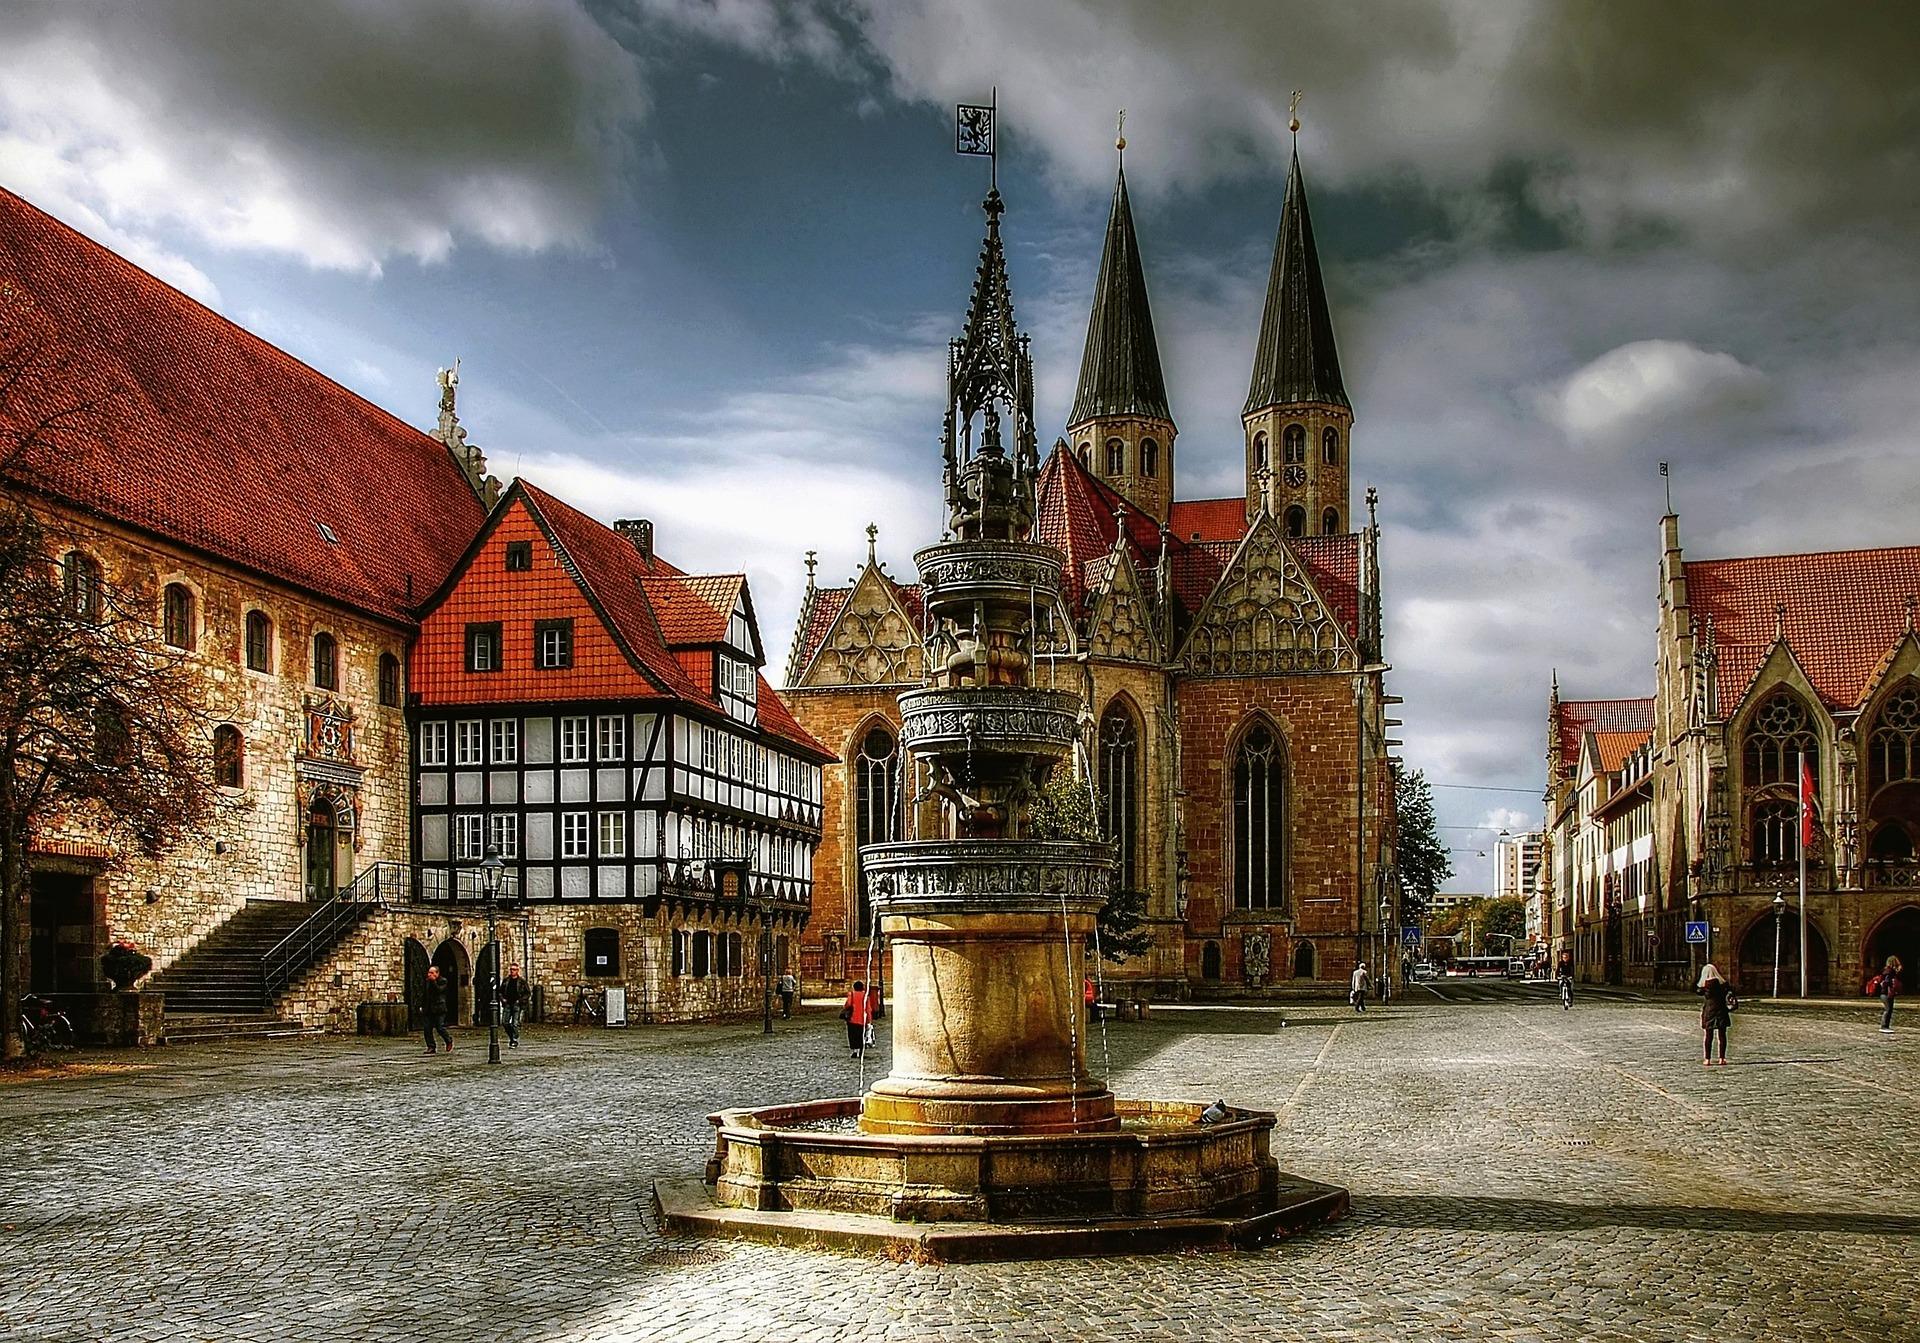 Erfolgreich tagen in schöner Atmosphäre im Hotel & Restaurant Schönau